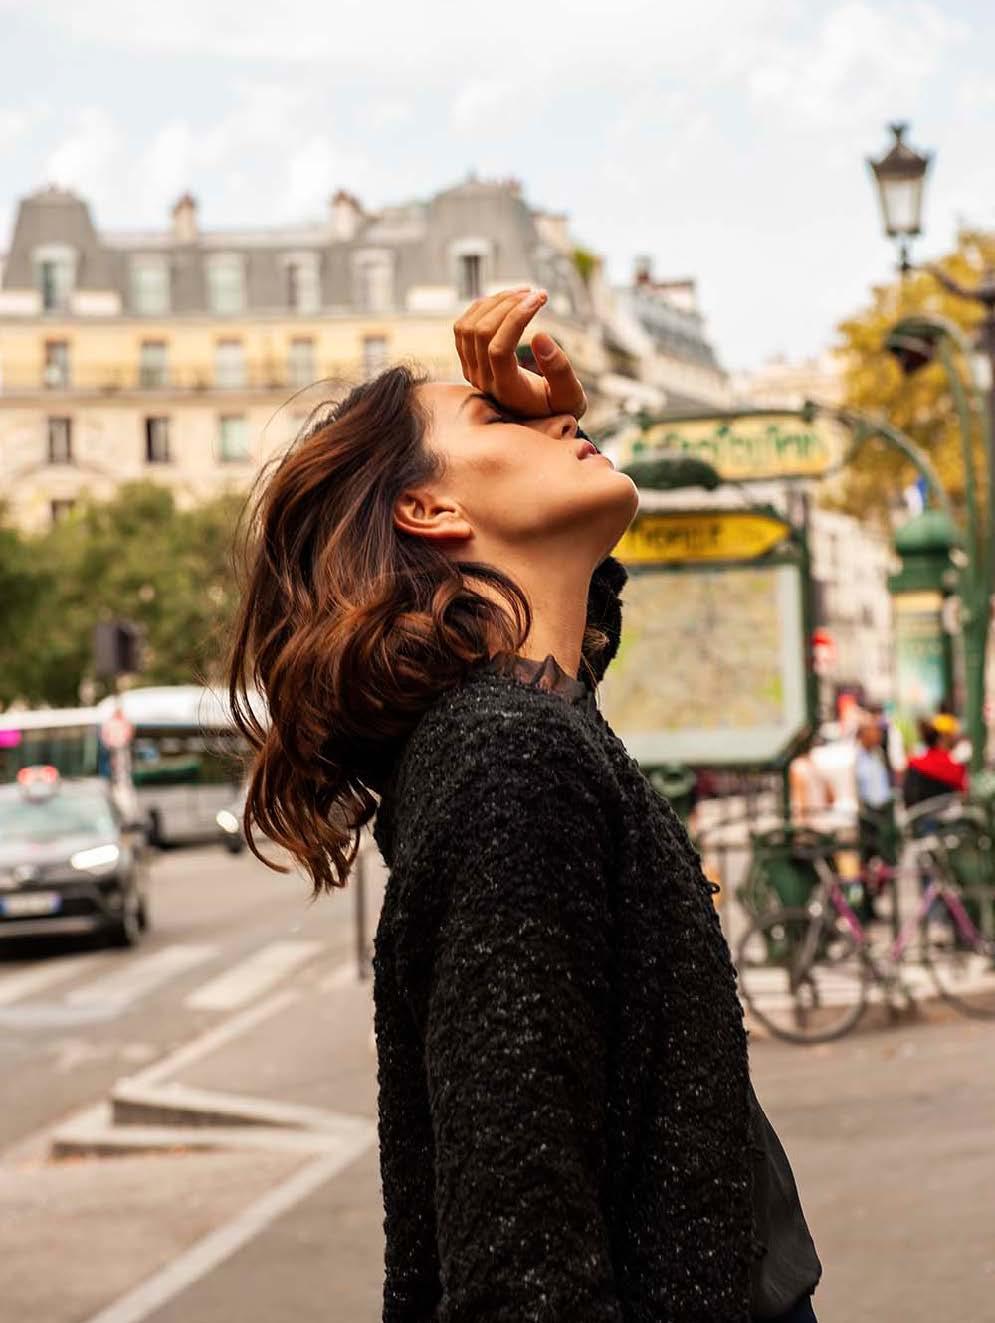 Paris24h_Page_04_Image_0002.jpg